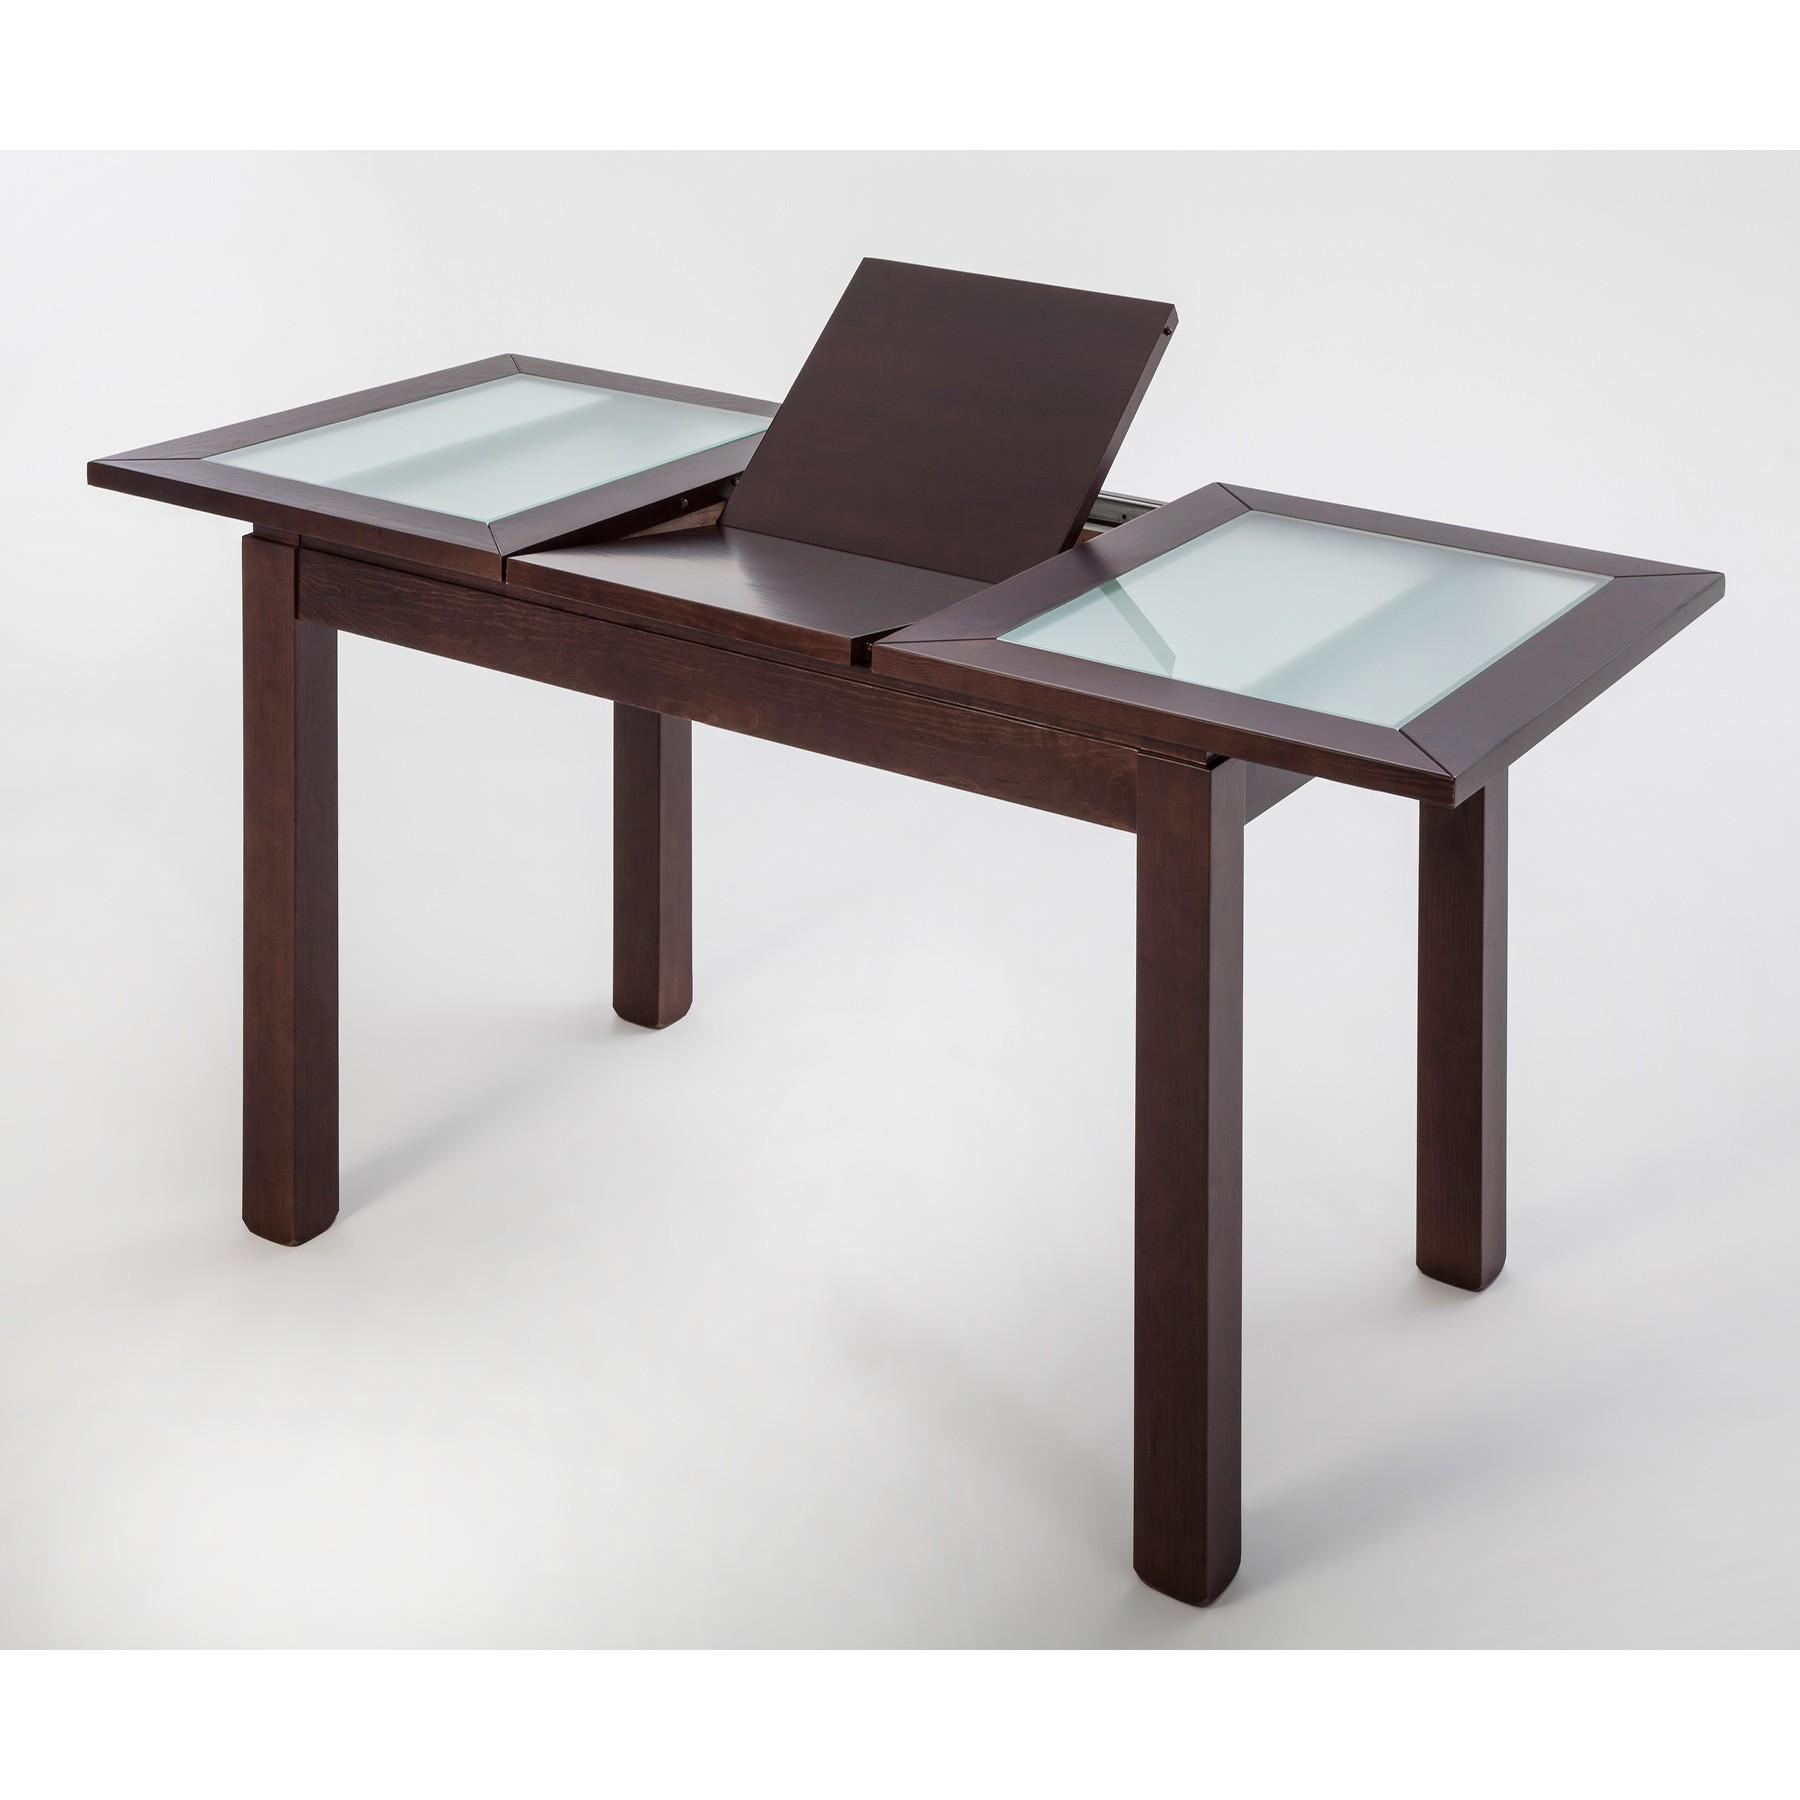 Mesas para salón - comedor - Dekogar - Muebles y decoración online